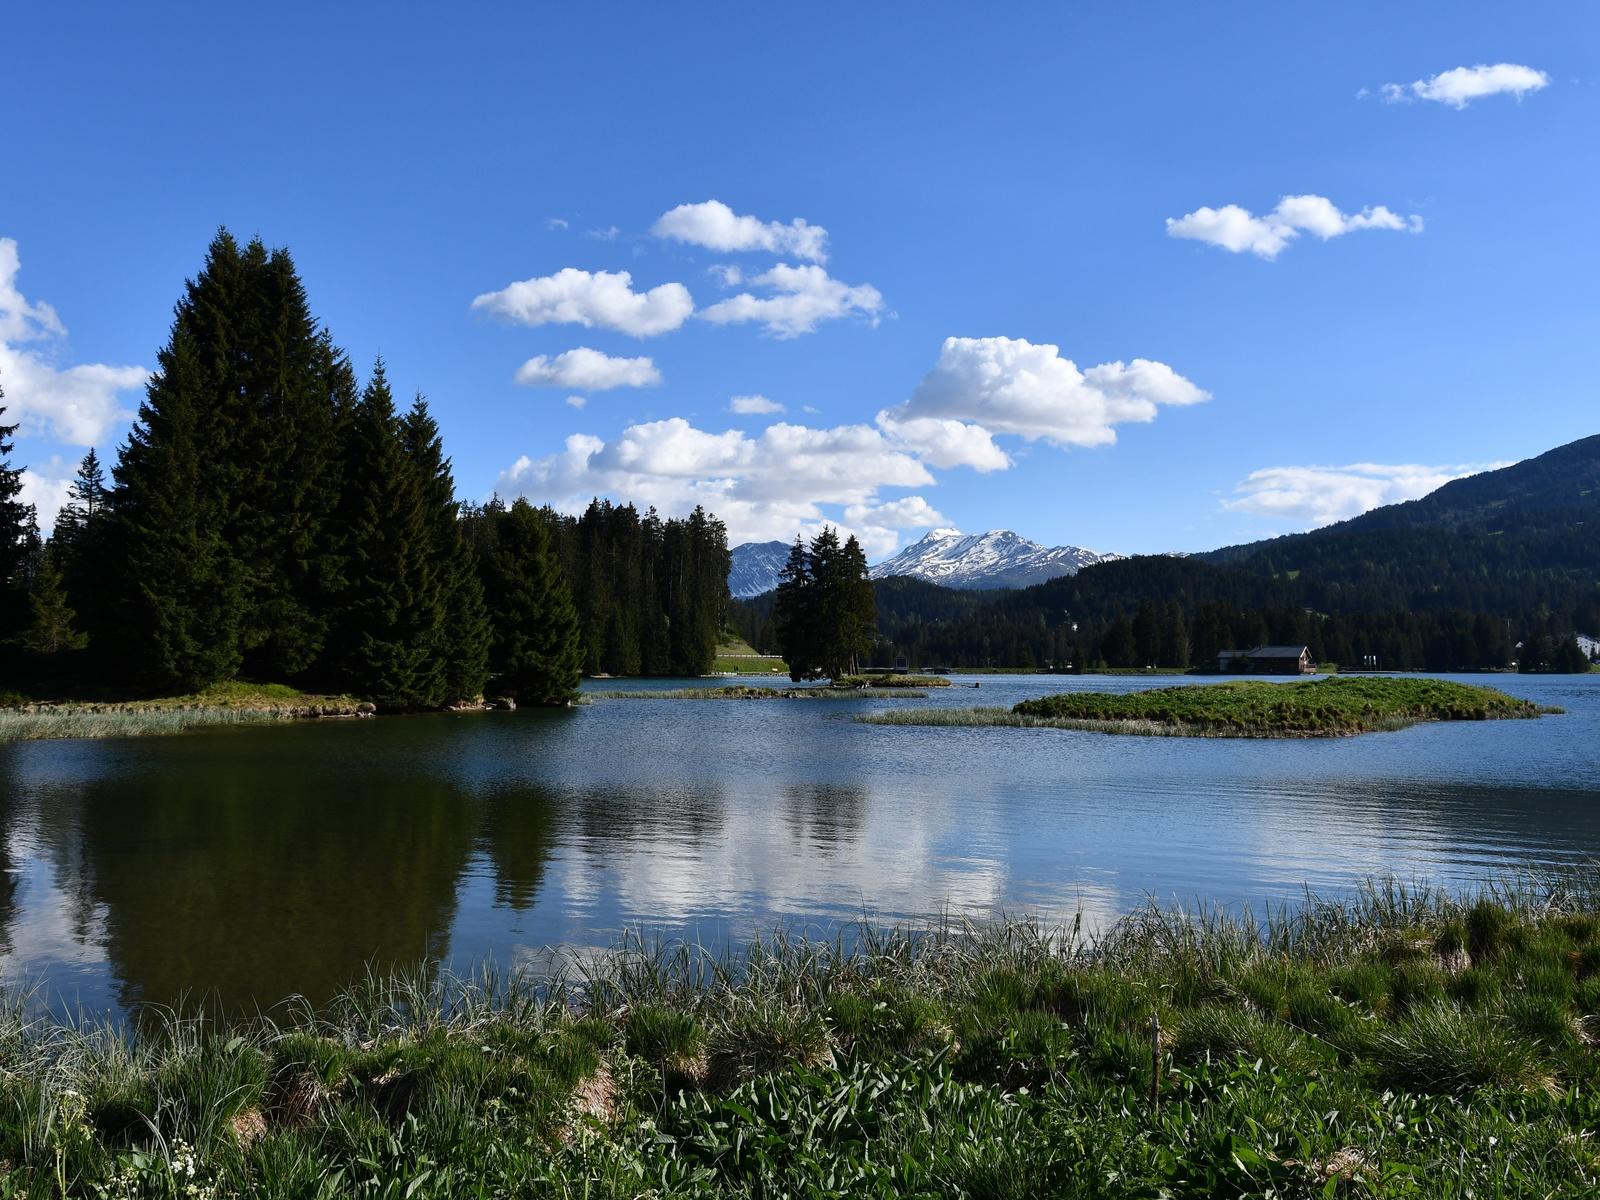 небо, облака, озеро, деревья